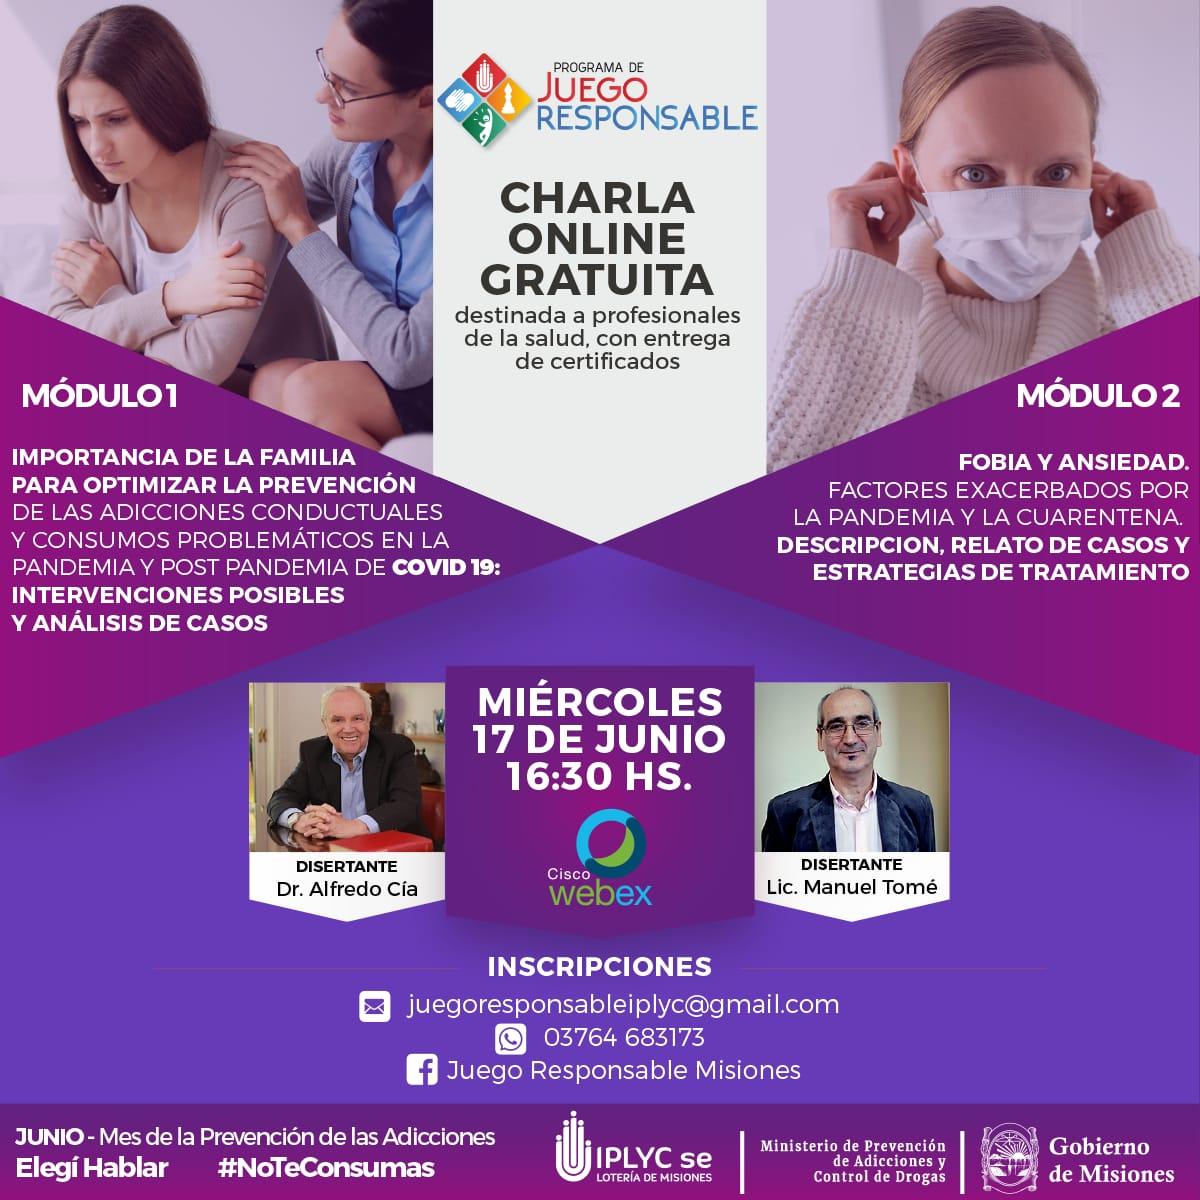 Charla online para profesionales en el Mes de la Prevención de Adicciones